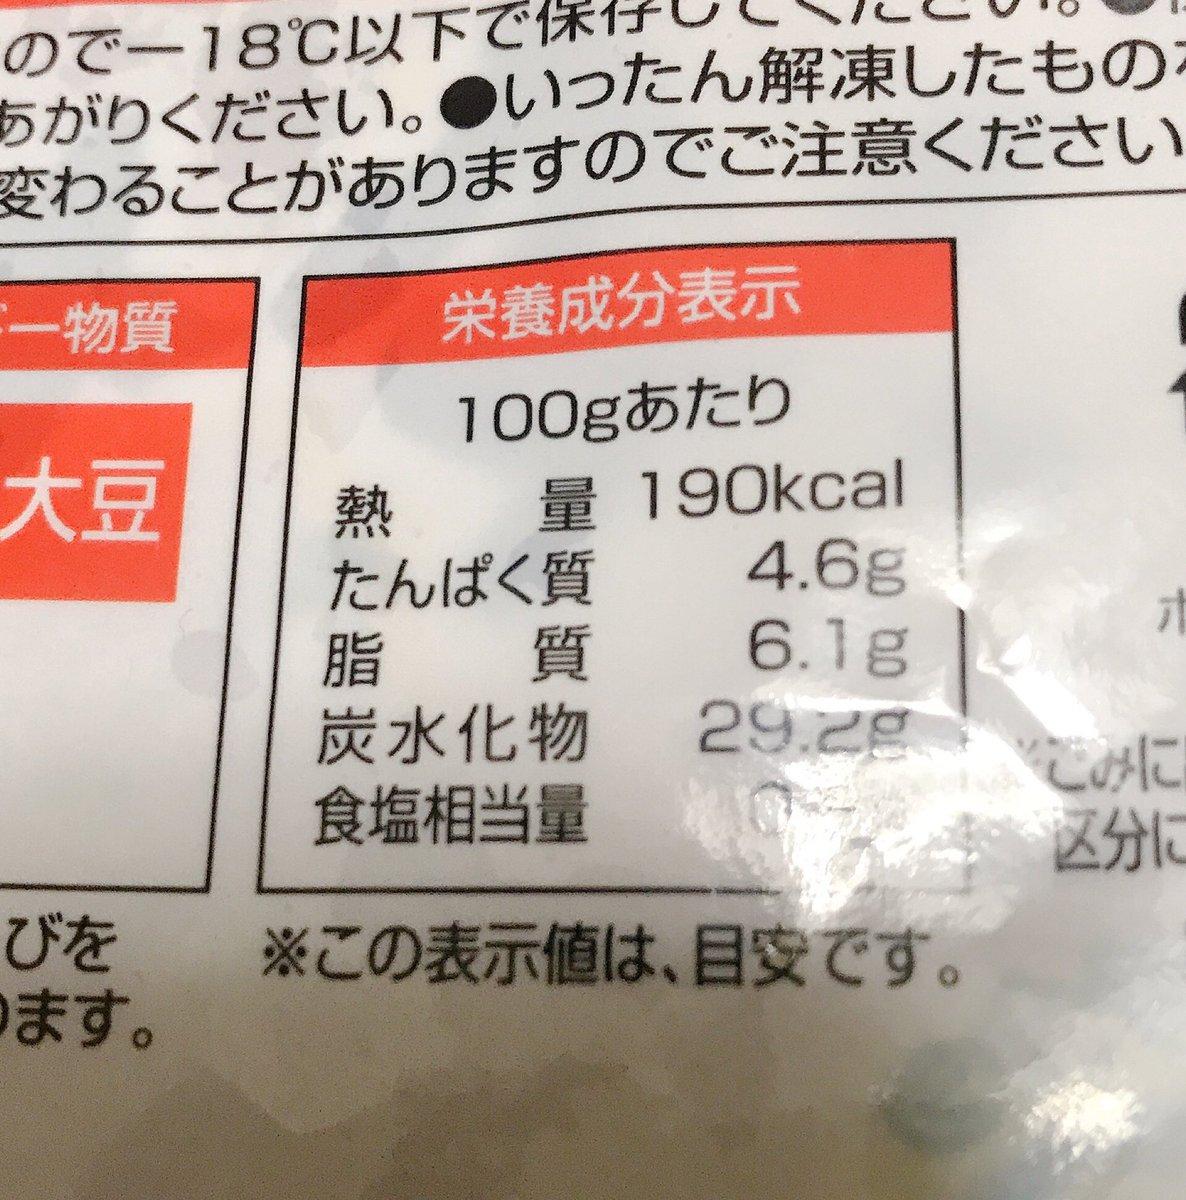 test ツイッターメディア - 夜ごはん  野菜もりもり冷やし中華 と解凍するだけの 冷凍冷やし餃子! 仕事あとに簡単だし 割といいPFC♥️ 1袋210g中の 4個食べました  冷やし中華は サラダチキン パプリカ きゅうり ベビーリーフ たまごやき  麺とごまだれで 360kal P 8.3g F 3.8g C 73.1g  トレーニングする💪🏼😆 https://t.co/Wyt2JCmmVO